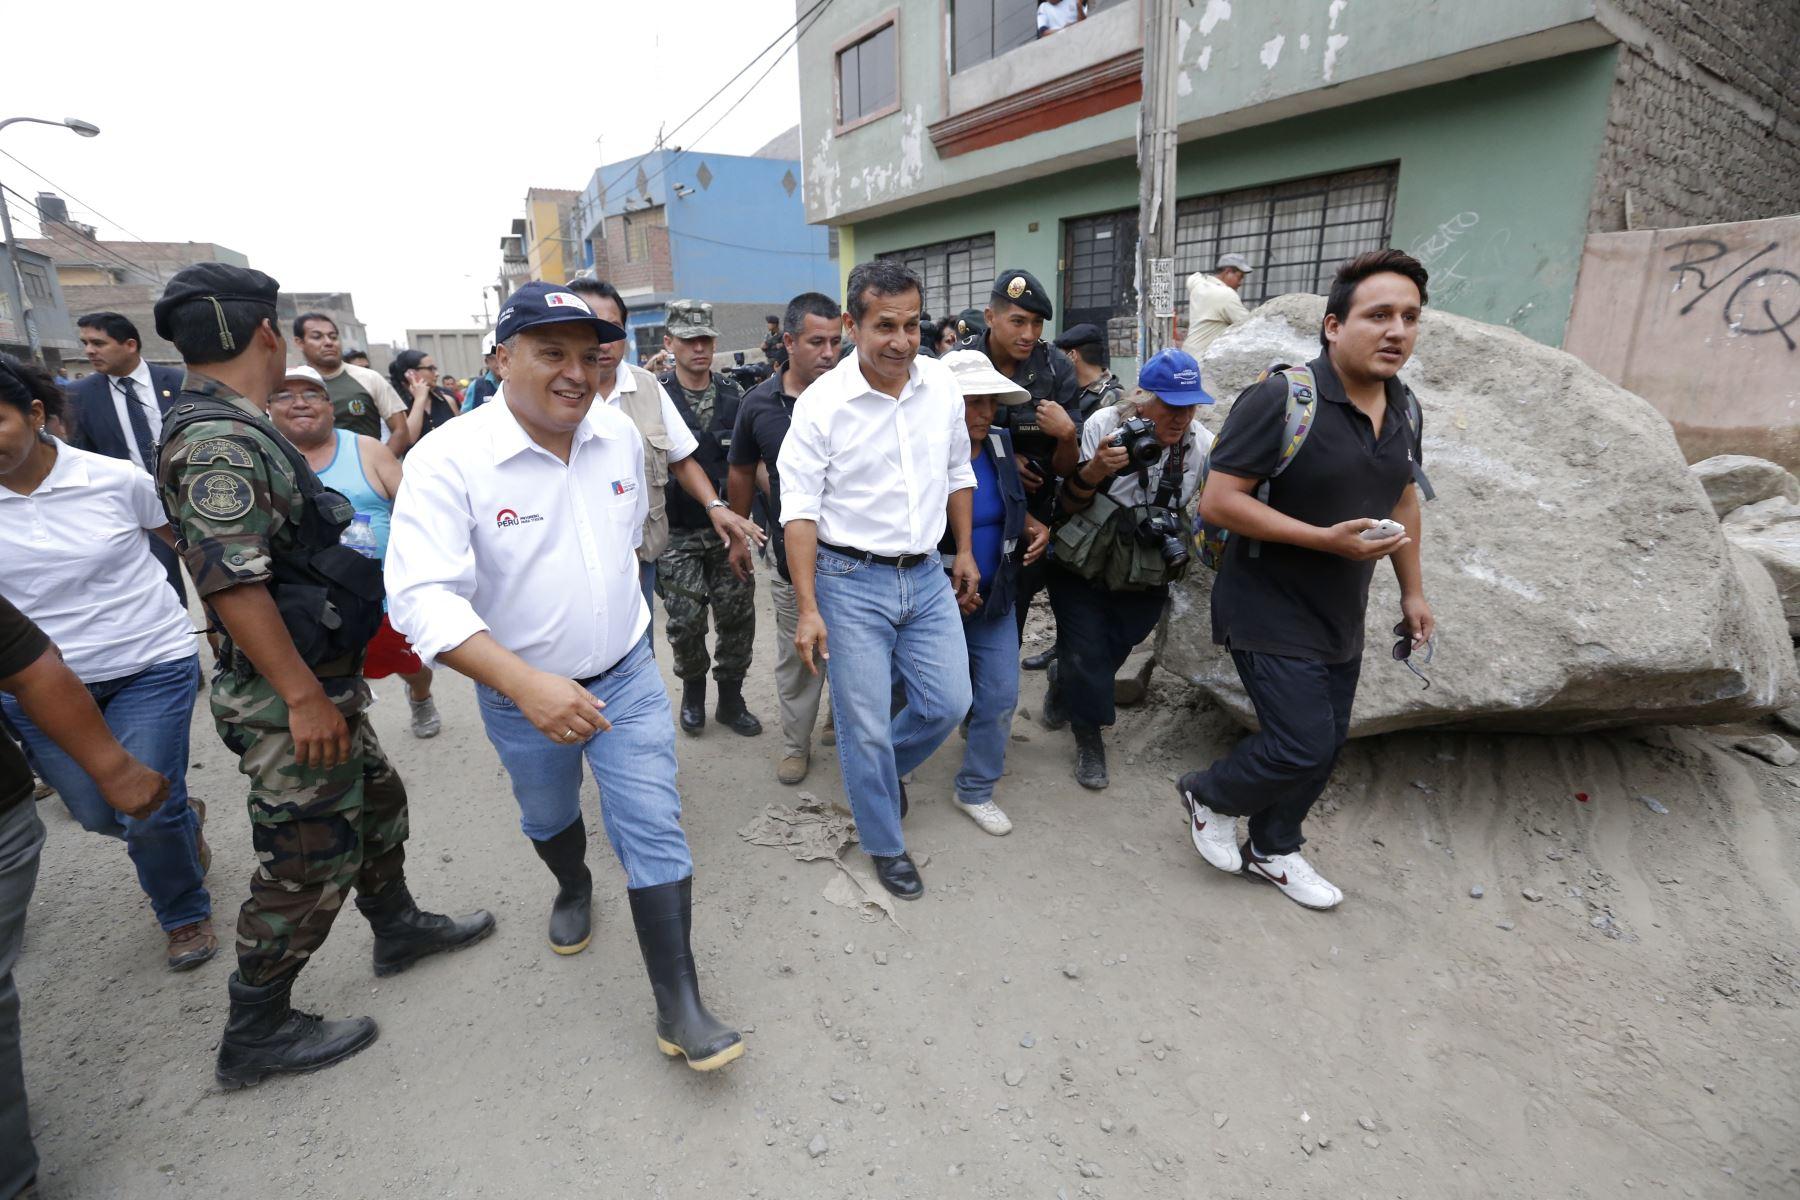 Presidente de la República Ollanta Humala junto al Ministro Milton Von Hesse, Ministro de Vivienda, supervisan obras de rehabilitación tras caída de huaicos en Chosica.ANDINA/Difusión